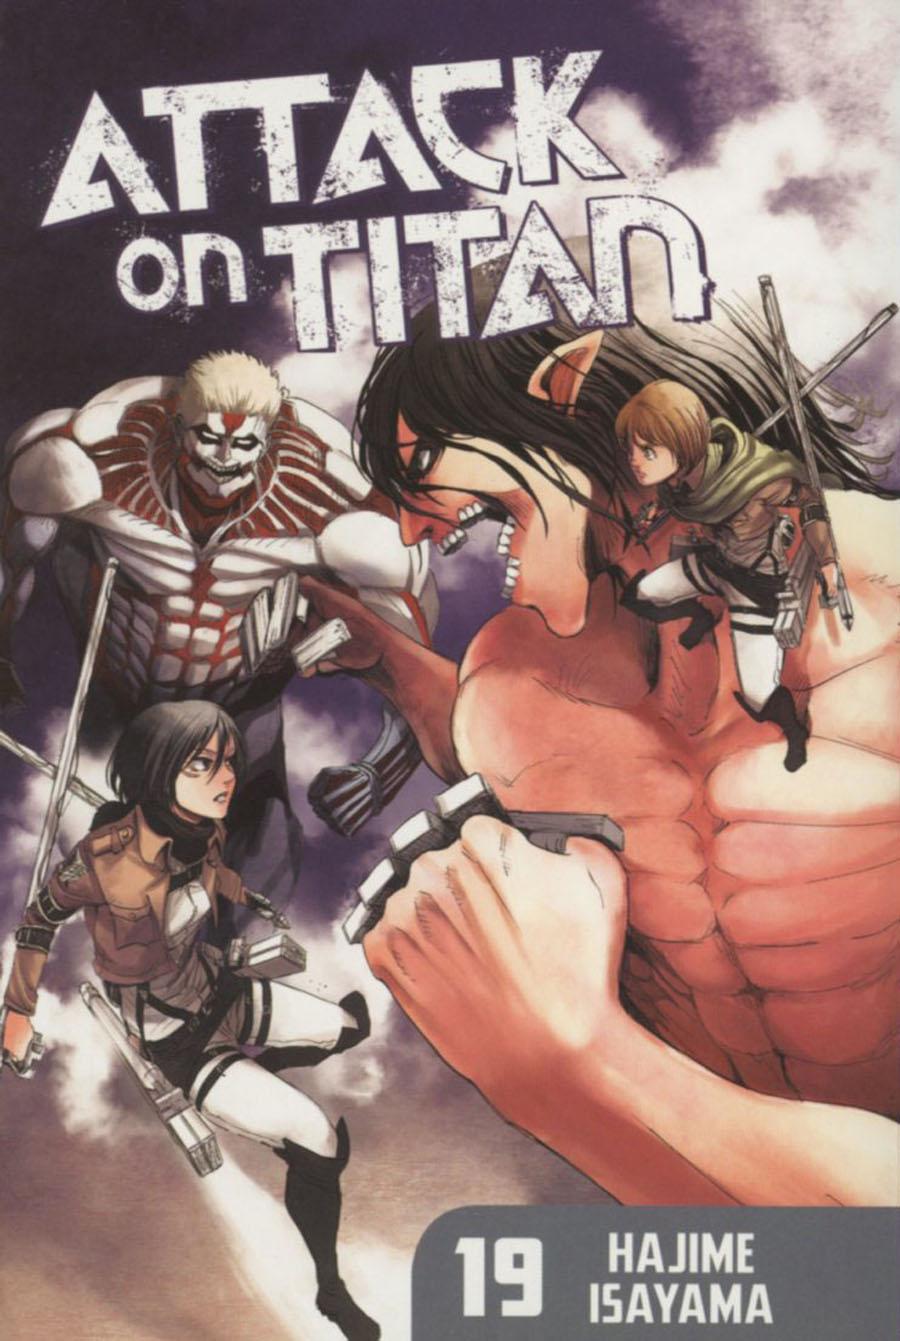 Attack On Titan Vol 19 GN Regular Edition